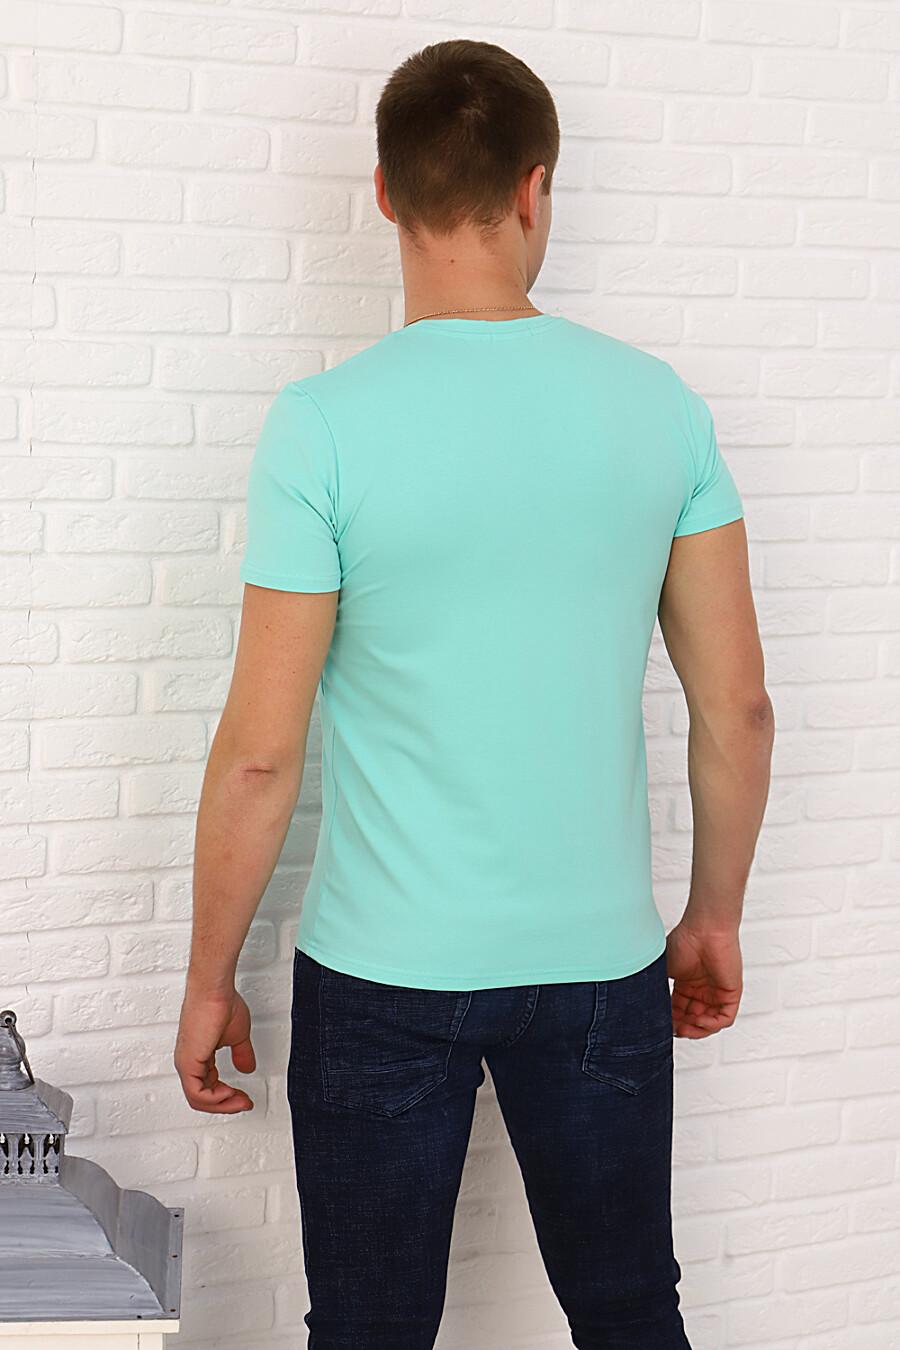 Футболка 24322 для мужчин НАТАЛИ 289700 купить оптом от производителя. Совместная покупка мужской одежды в OptMoyo